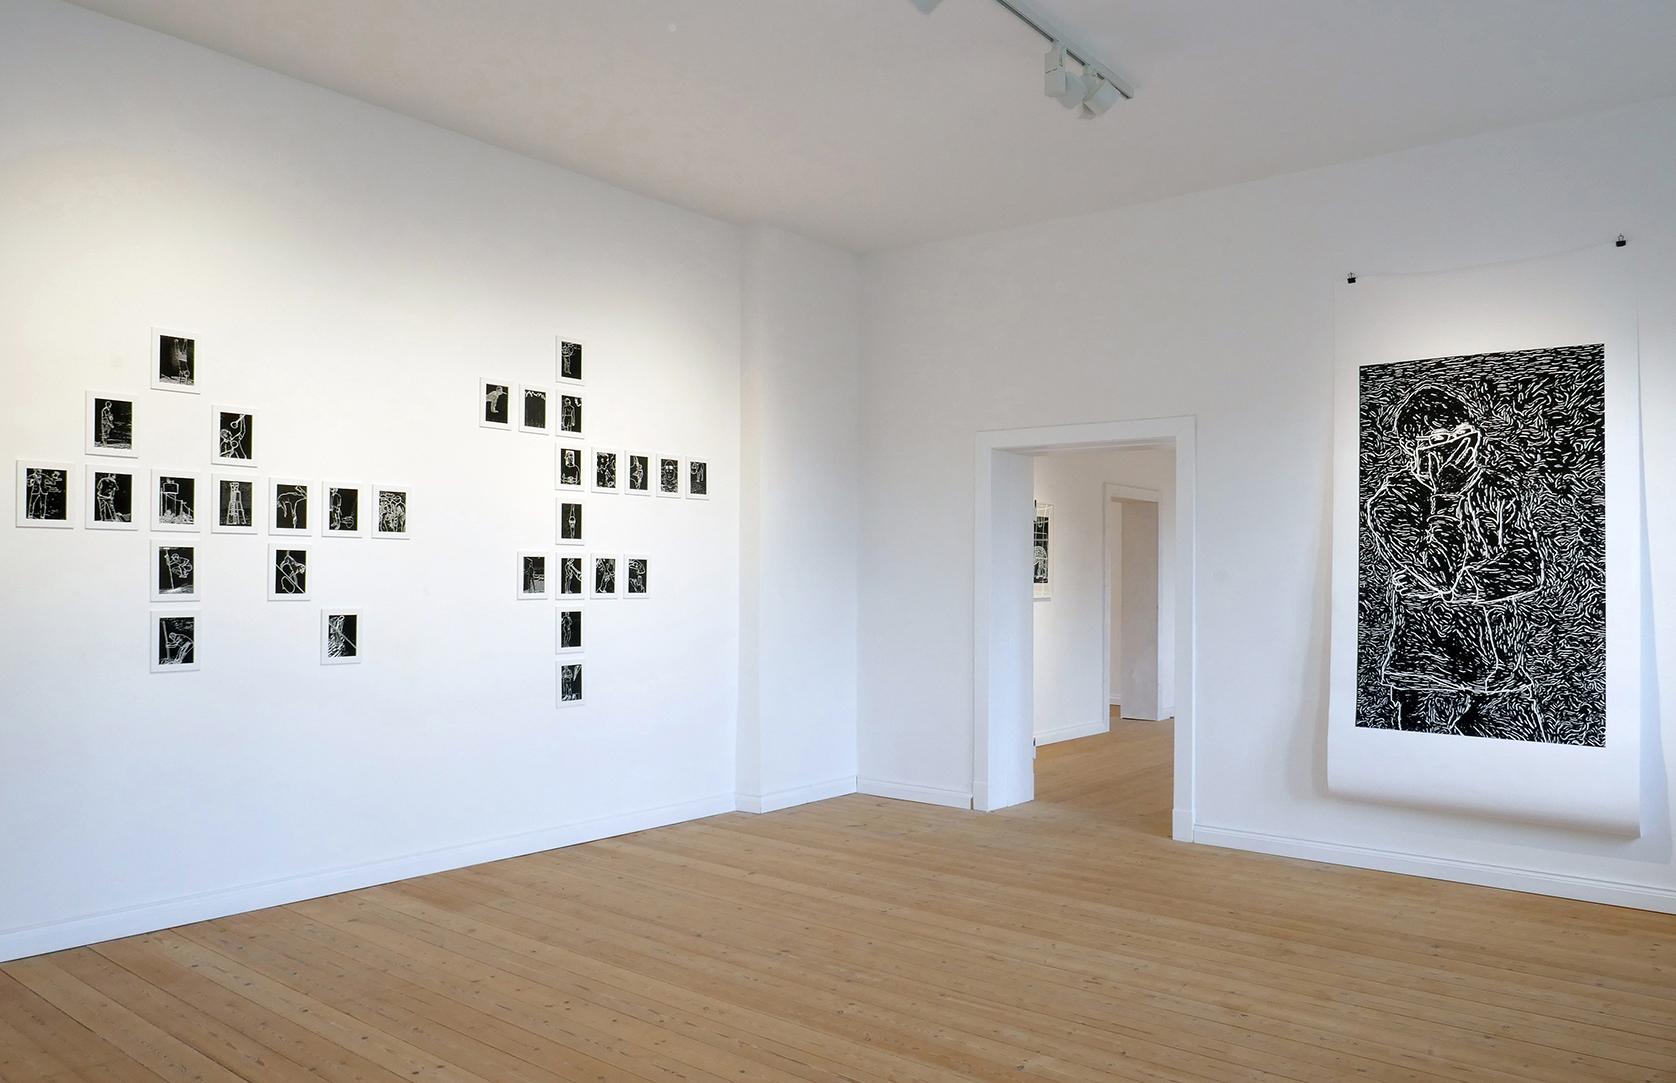 Blick in die Ausstellung mit Blicken gefüttert